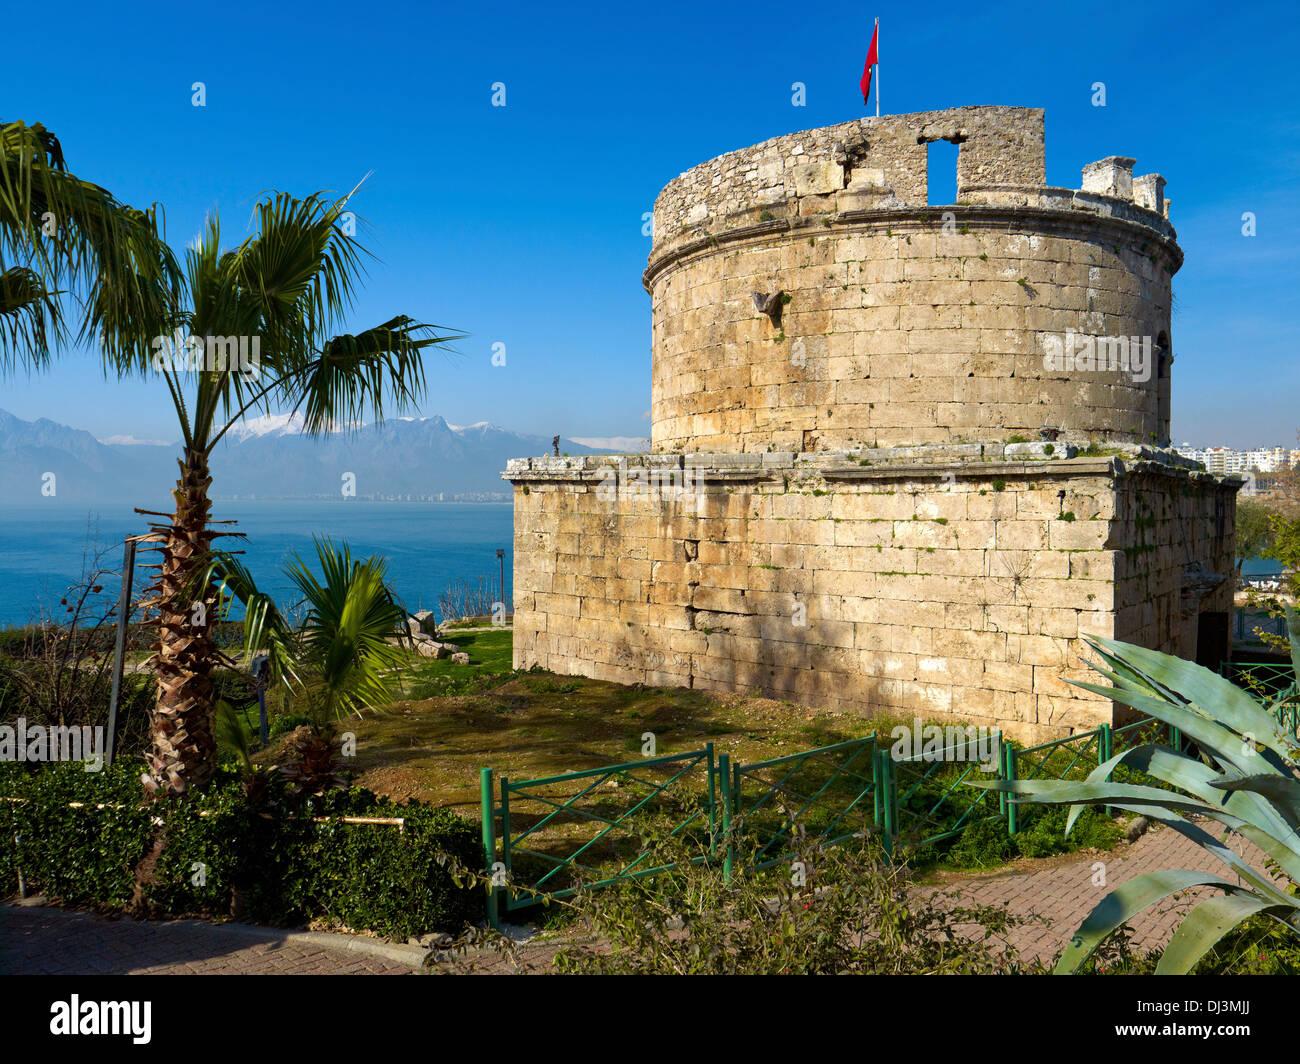 Roman tower, Antalya, Turkey - Stock Image